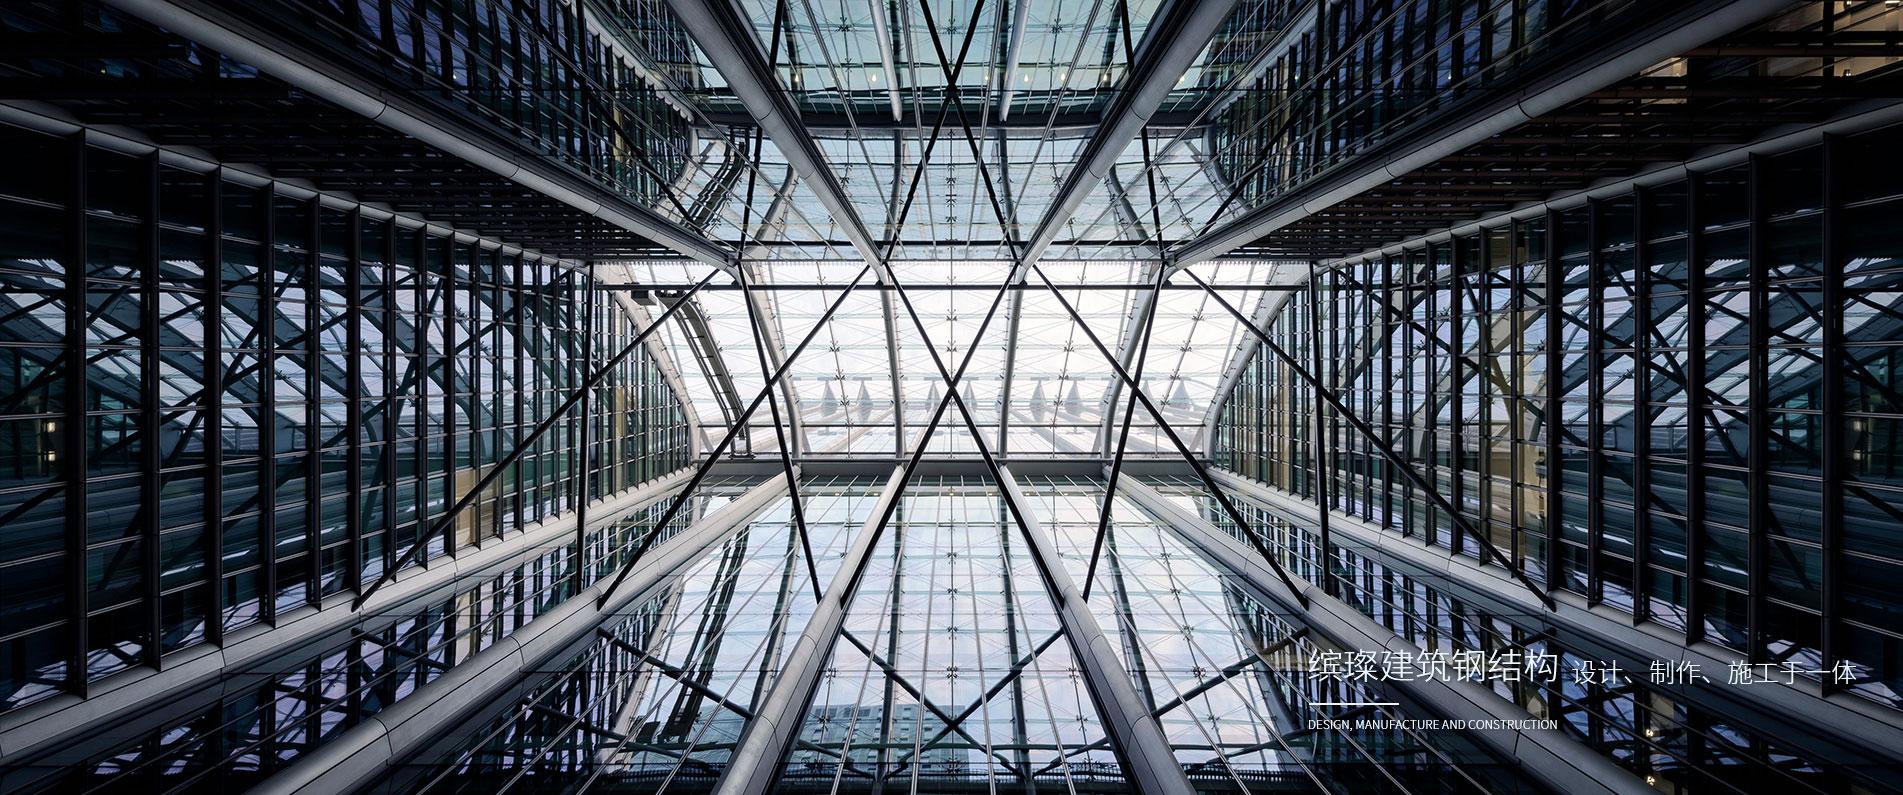 重庆钢结构专业承包,重庆钢结构安装工程公司,重庆轻/重型钢结构工业厂房承建